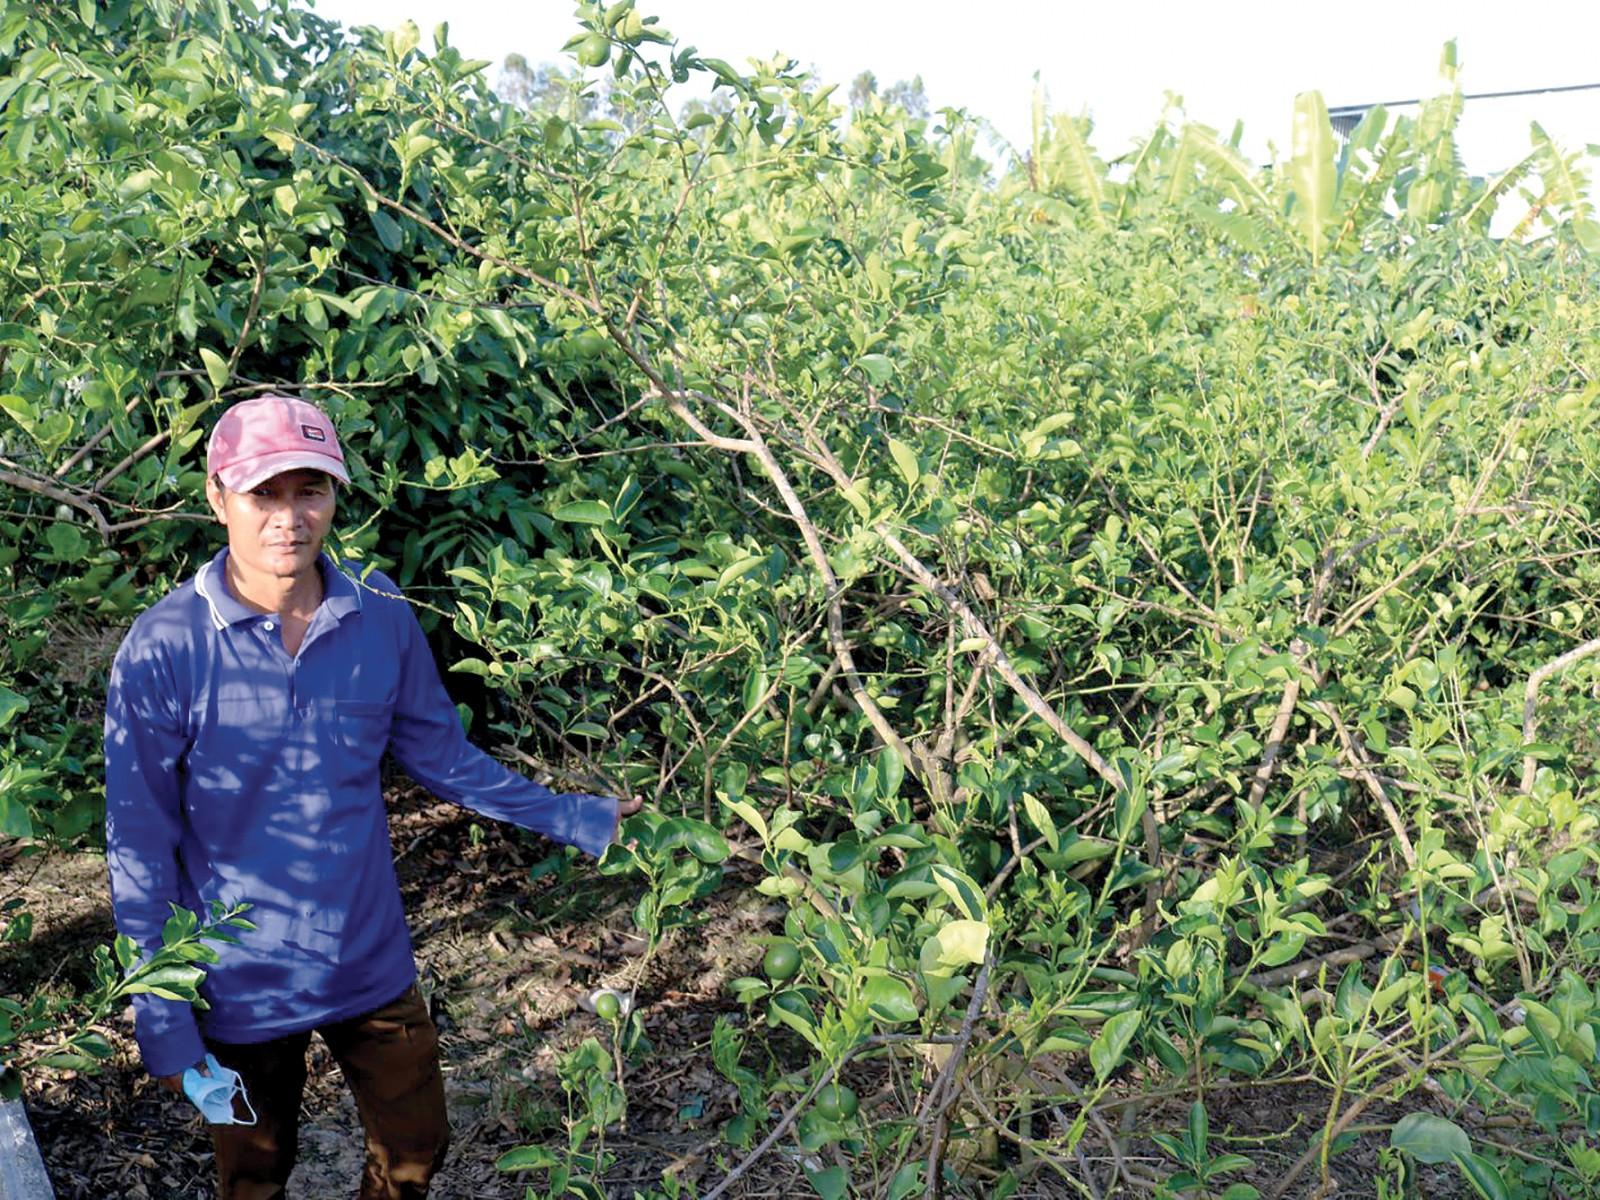 Trồng chanh không hạt tại hộ gia đình anh Nguyễn Thanh Hùng ở xã Trường Long, huyện Phong Điền.